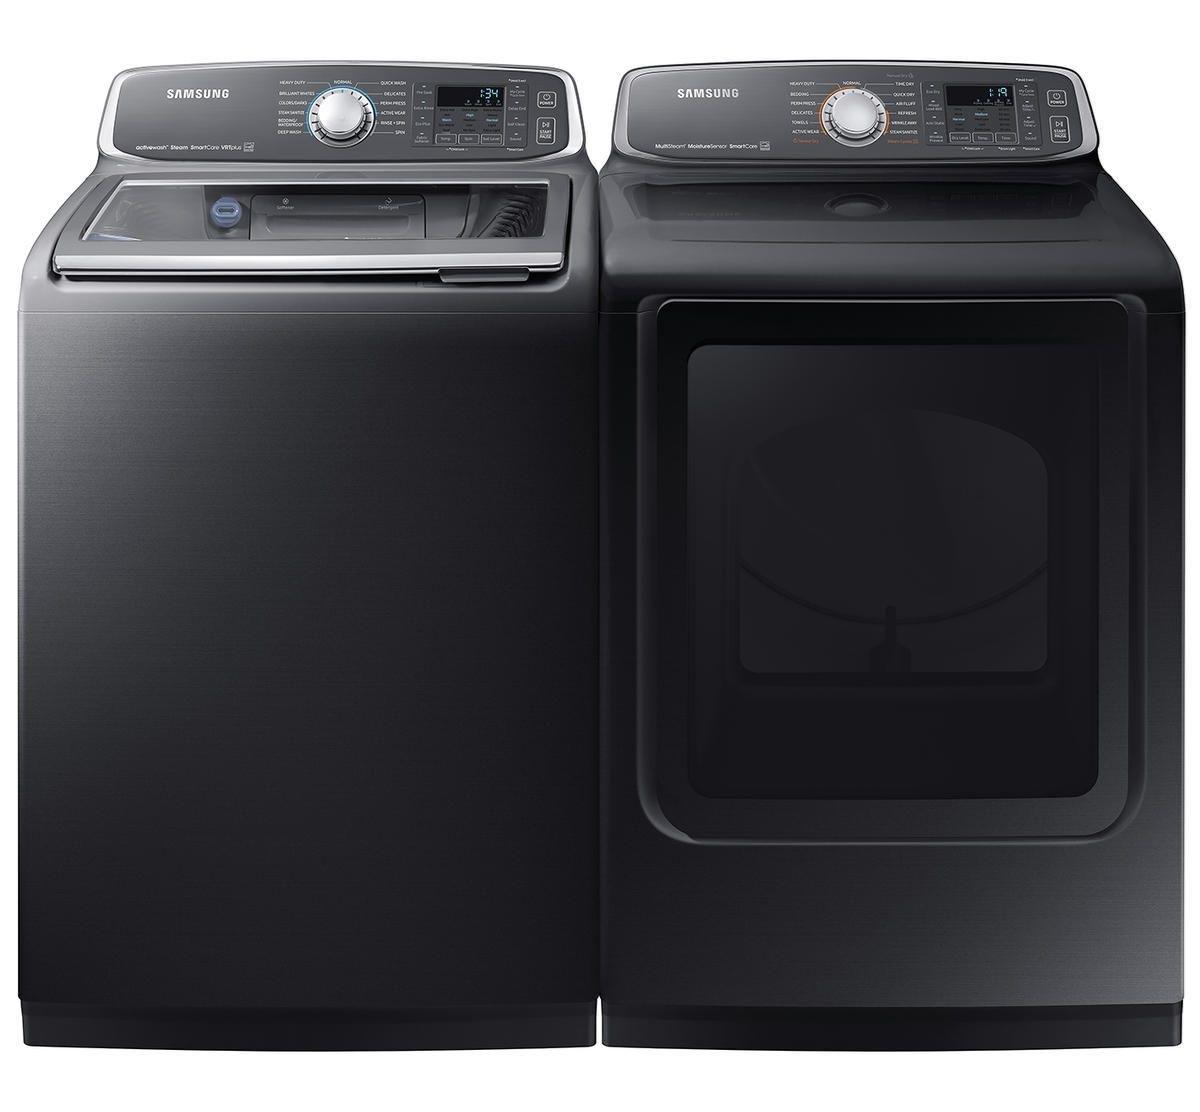 Speed Queen Dryers Manual